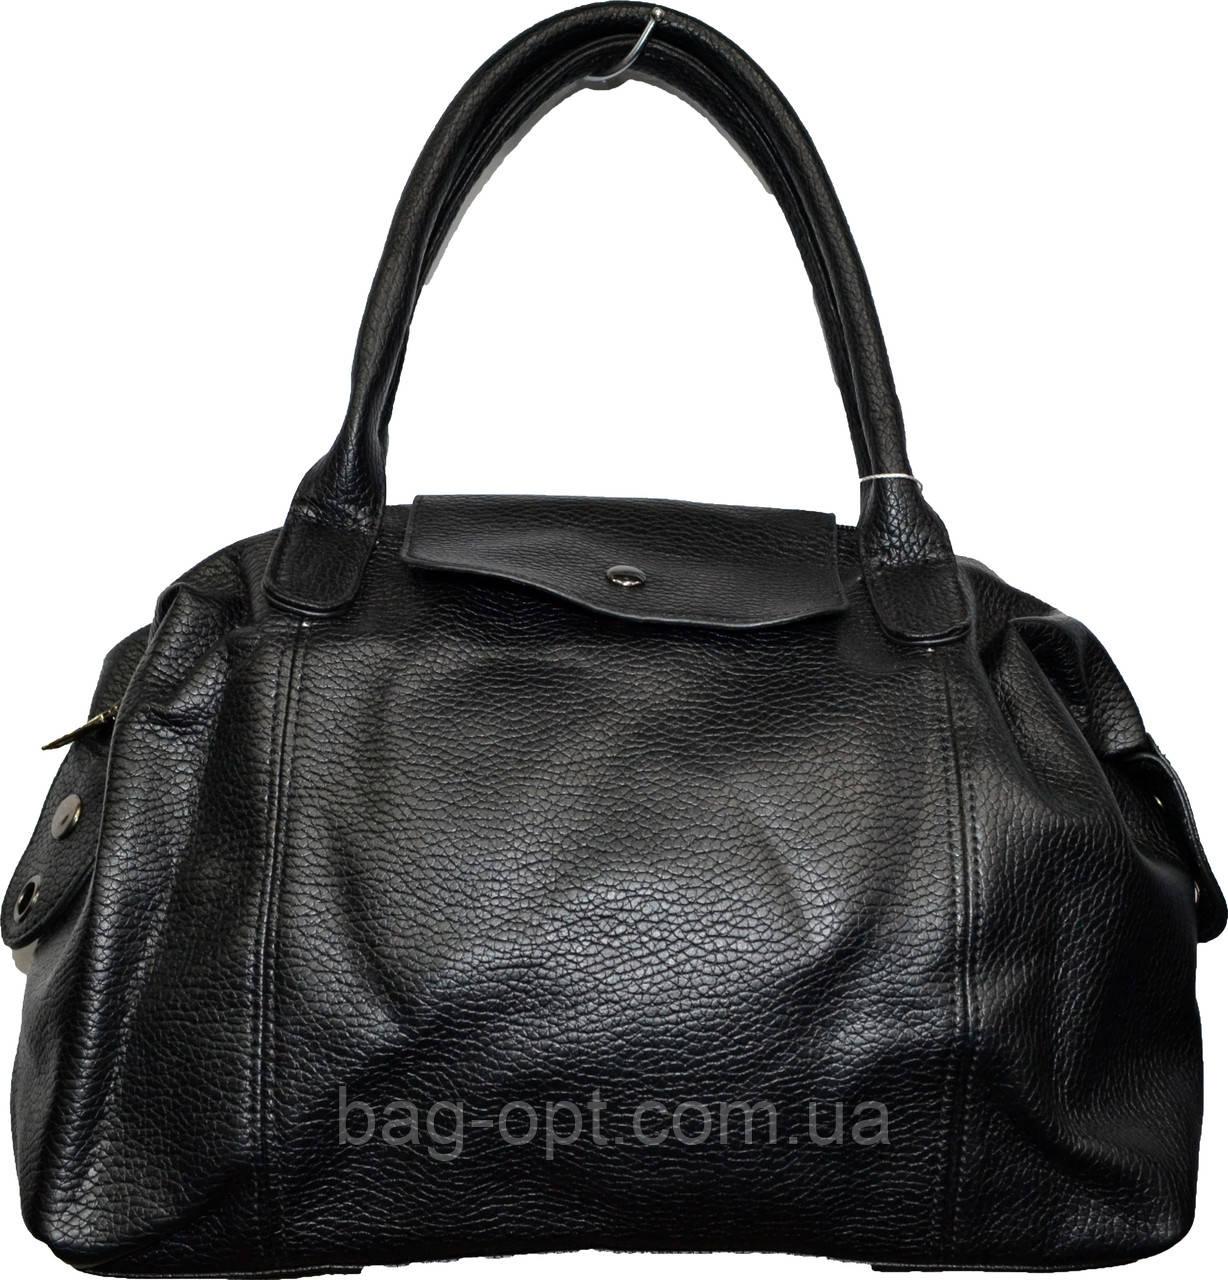 Женская сумка  23*31*14 см